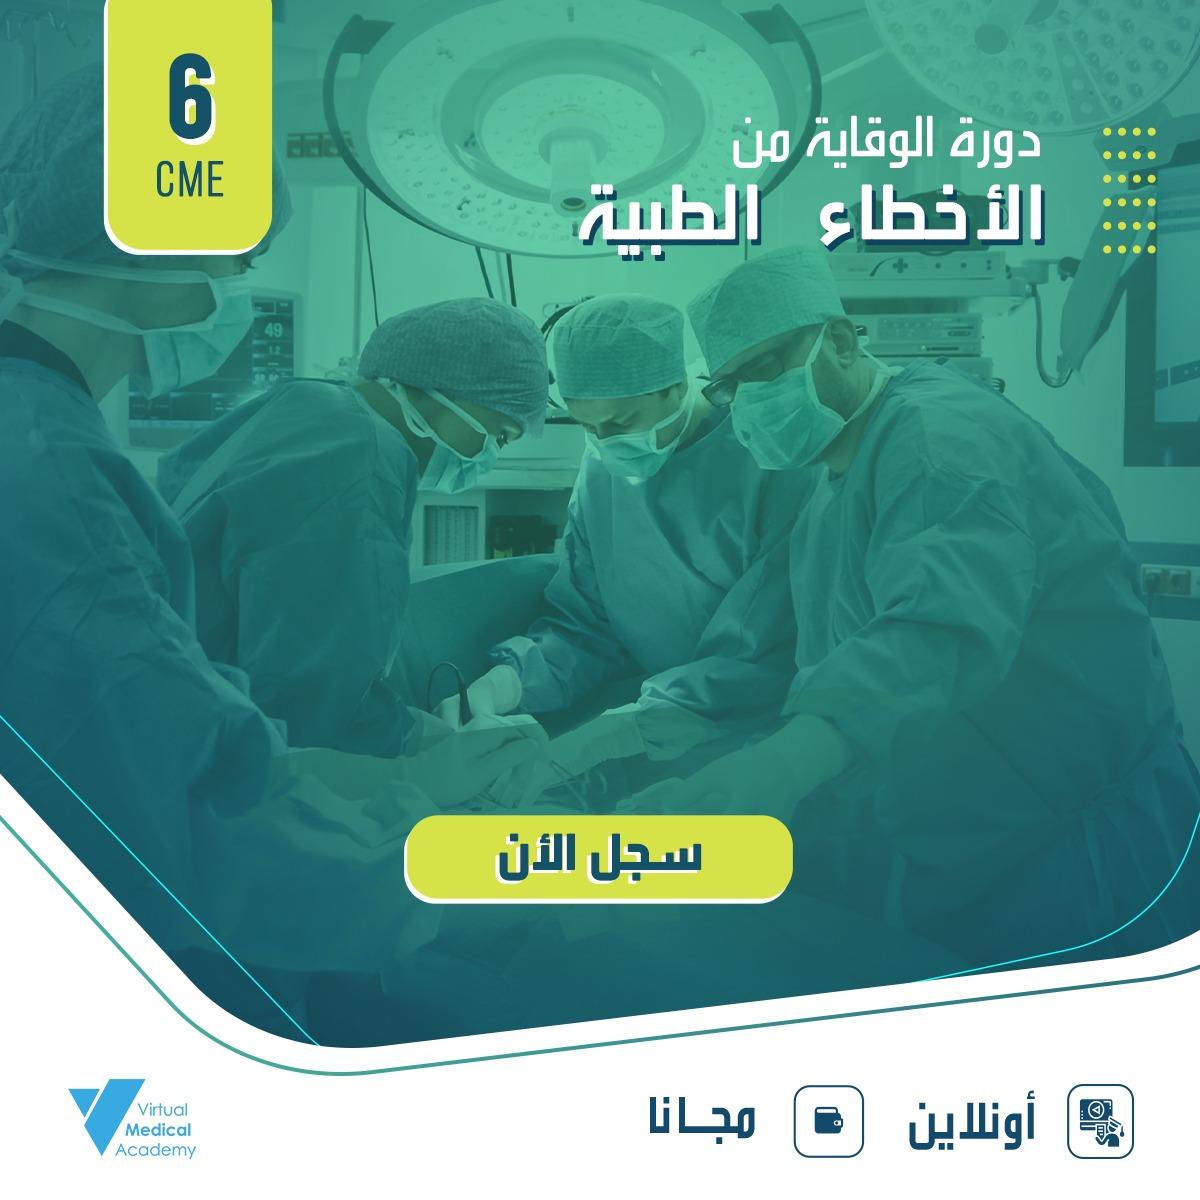 الهيئة السعودية للتخصصات الطبية